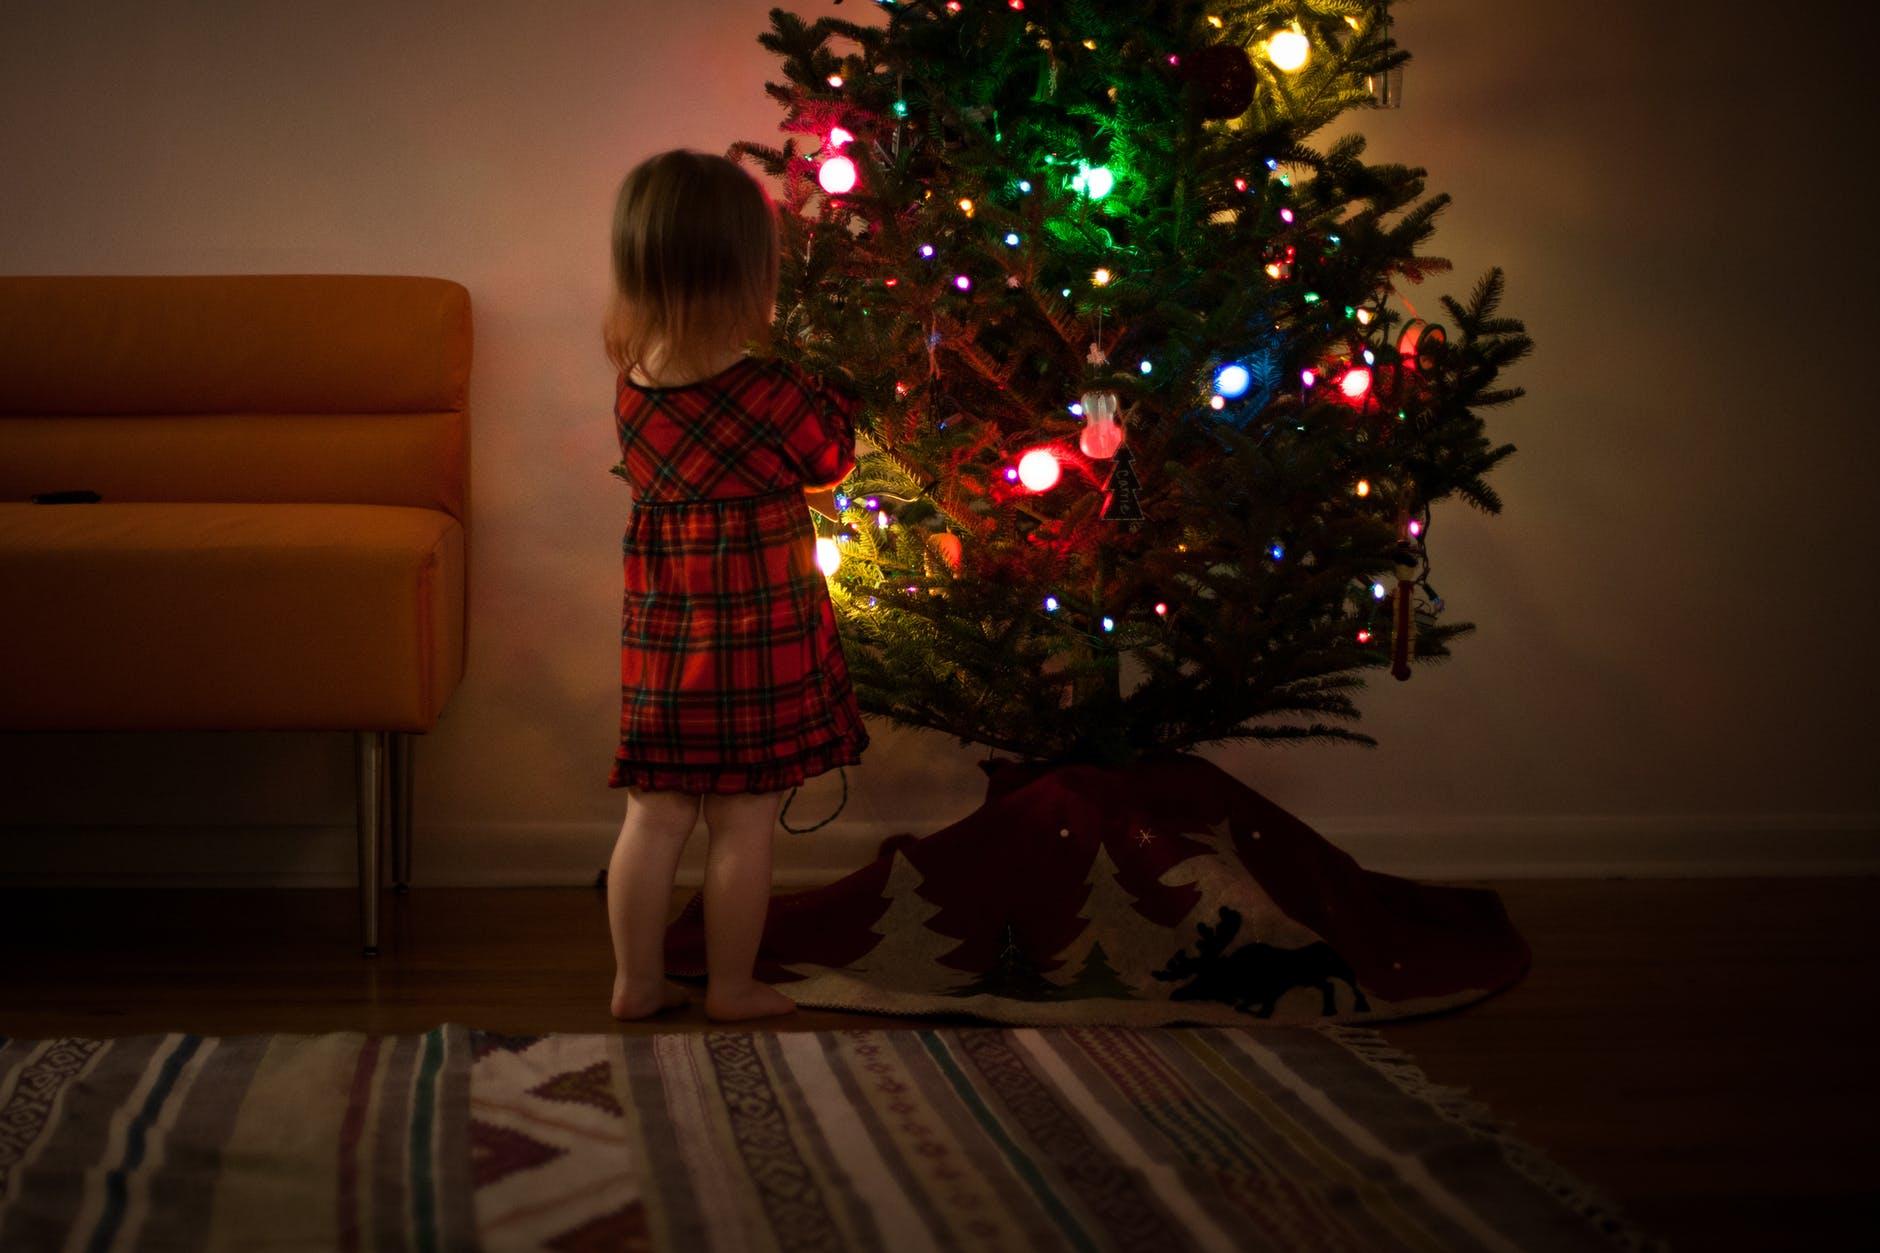 cómo adornar el árbol navideño con bombillas de led, esferas relucientes en diferentes colores